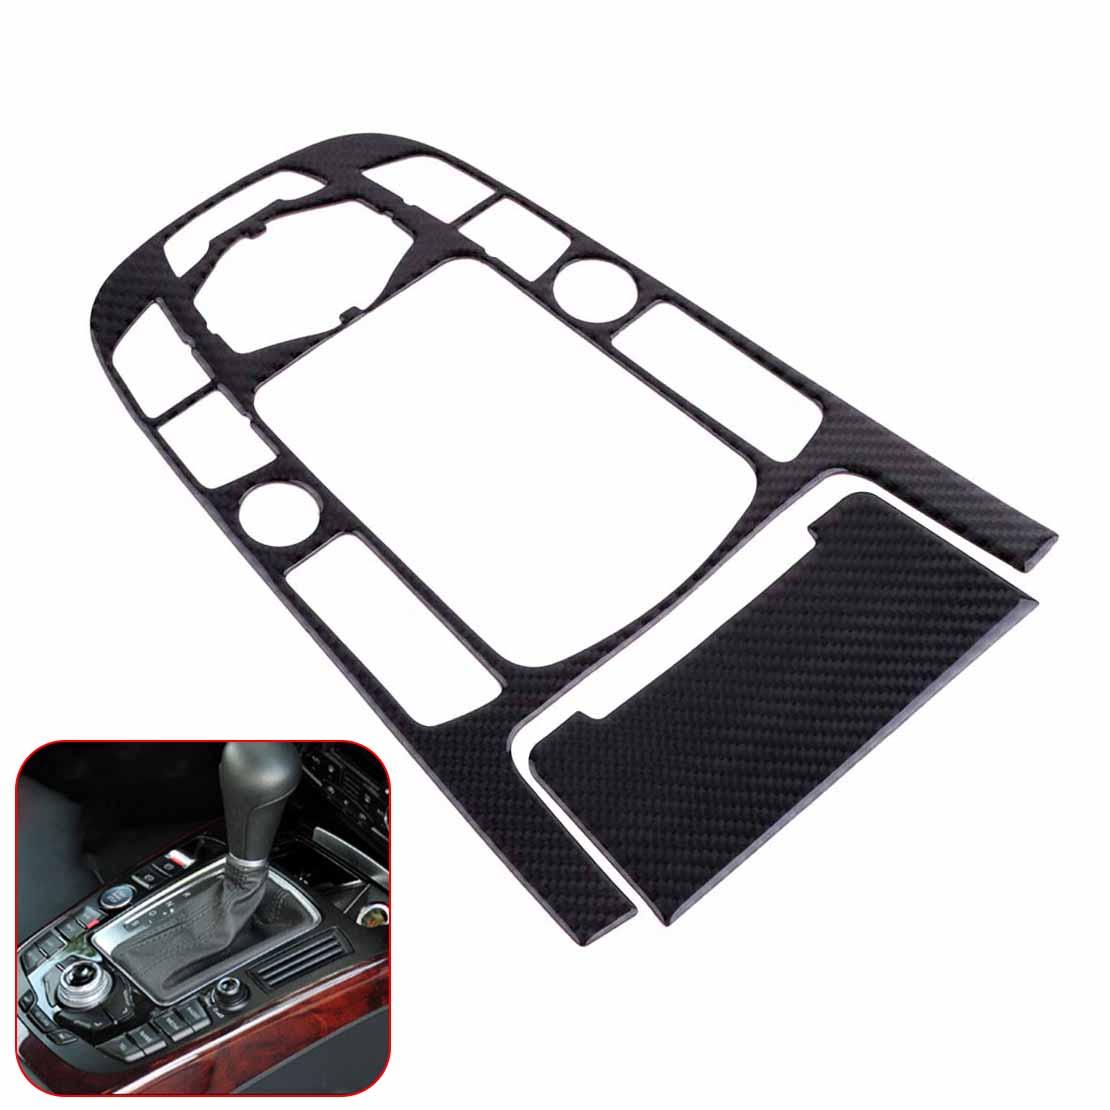 DWCX bande de Fiber de carbone changement de vitesse panneau garniture de voiture Center de contrôle intérieur cadre décoratif moulage adapté pour Audi A4 A5